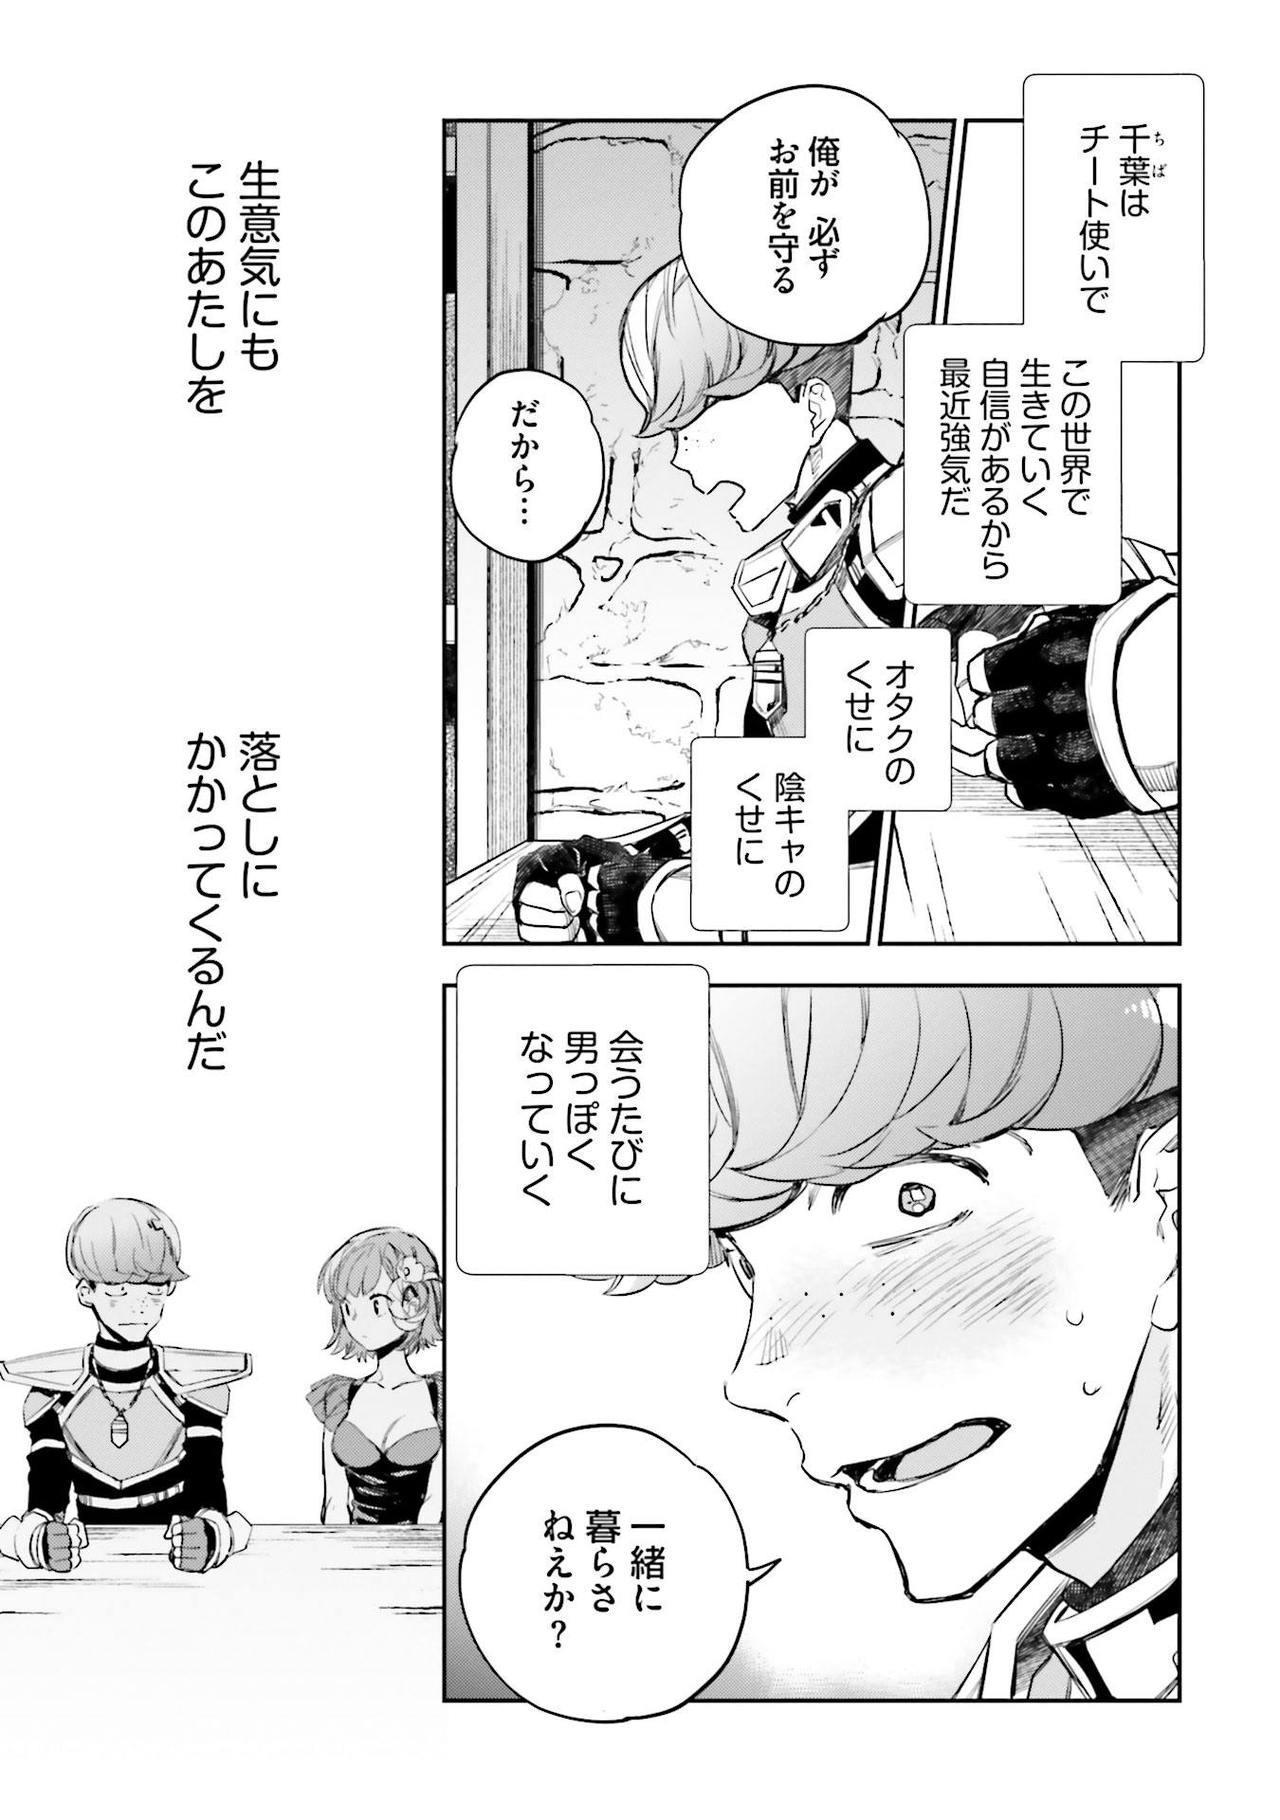 JK Haru wa Isekai de Shoufu ni Natta 1-14 321